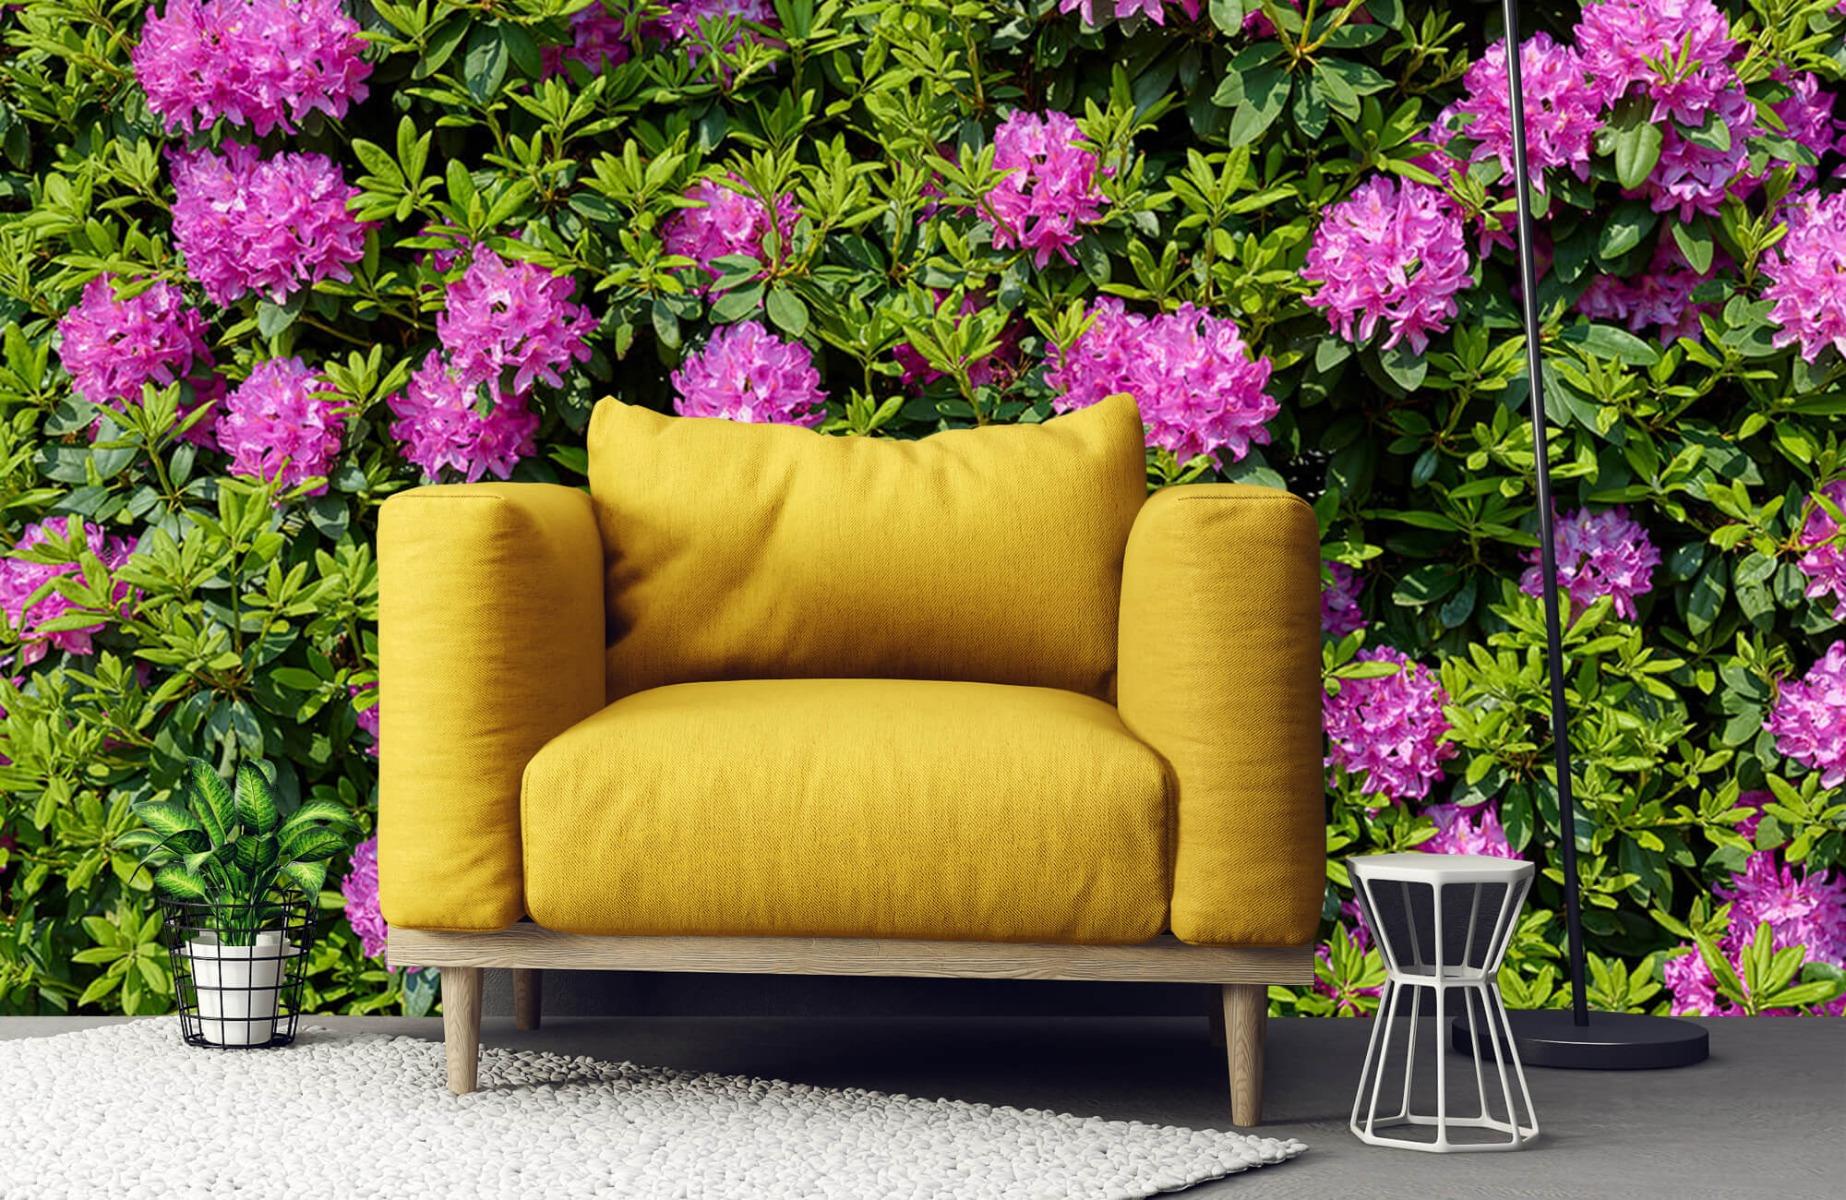 Bloemenvelden - Grote muur van rododendrons - Wallexclusive - Woonkamer 21